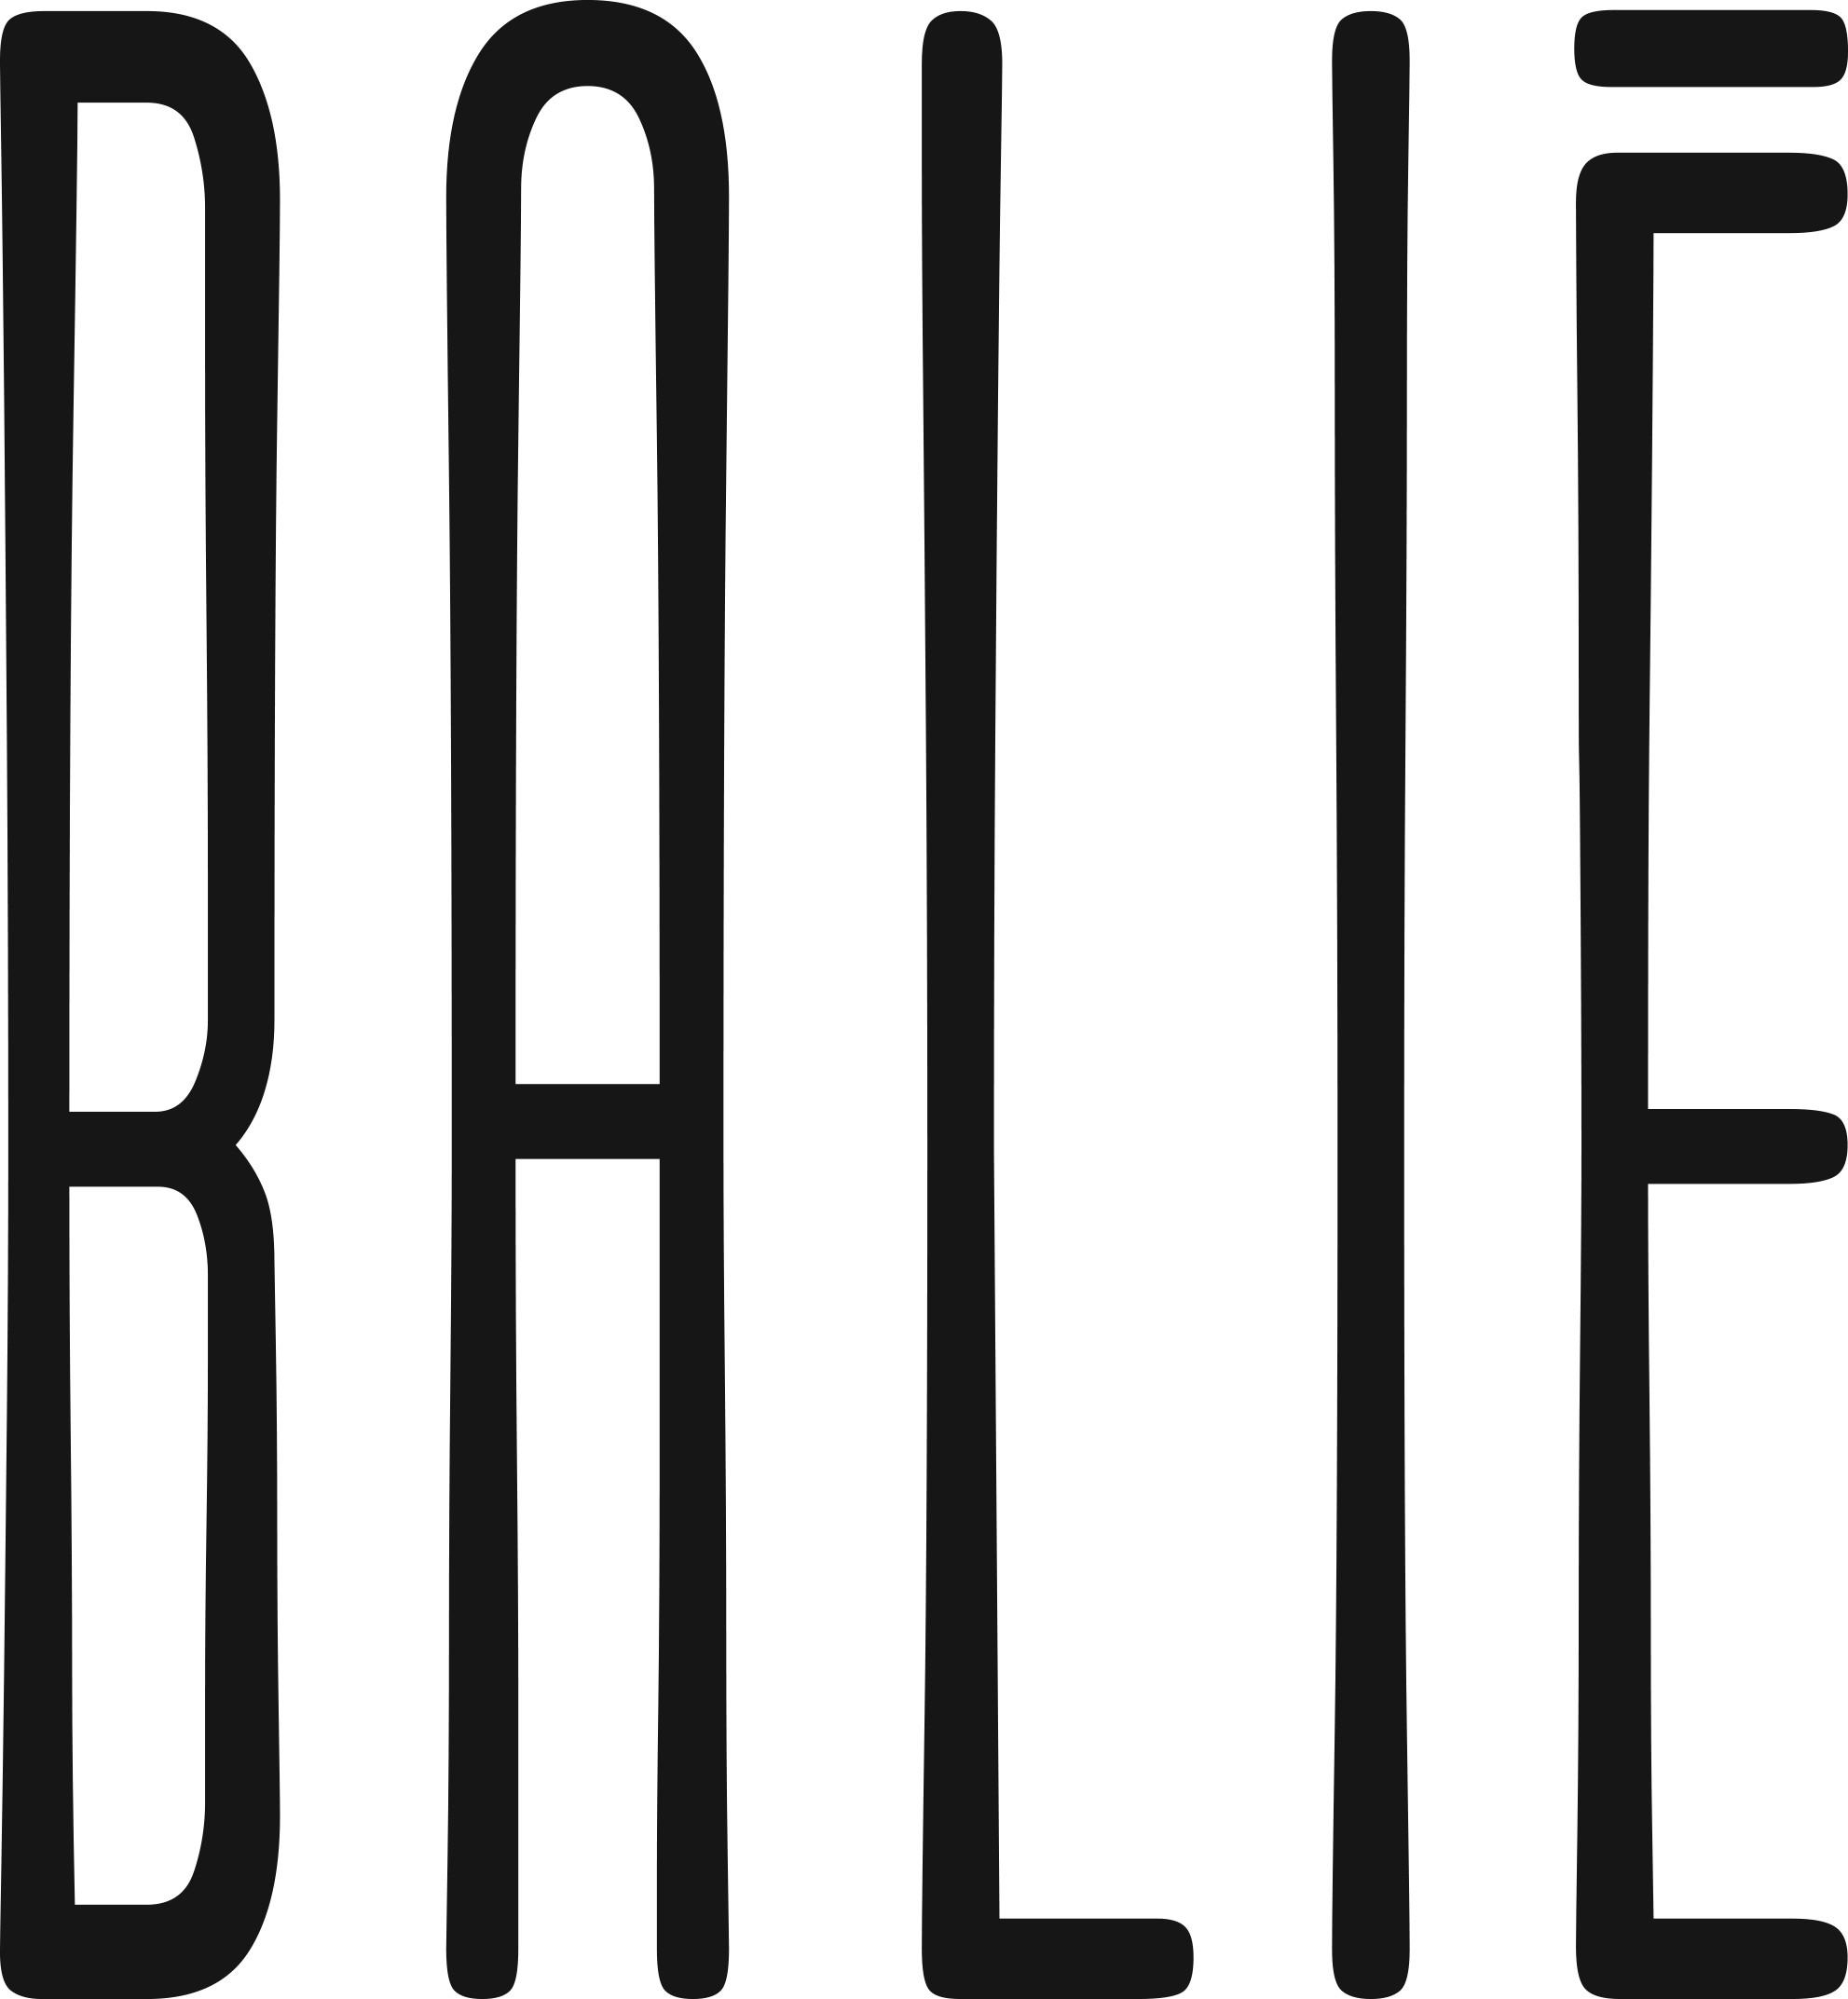 Baliè